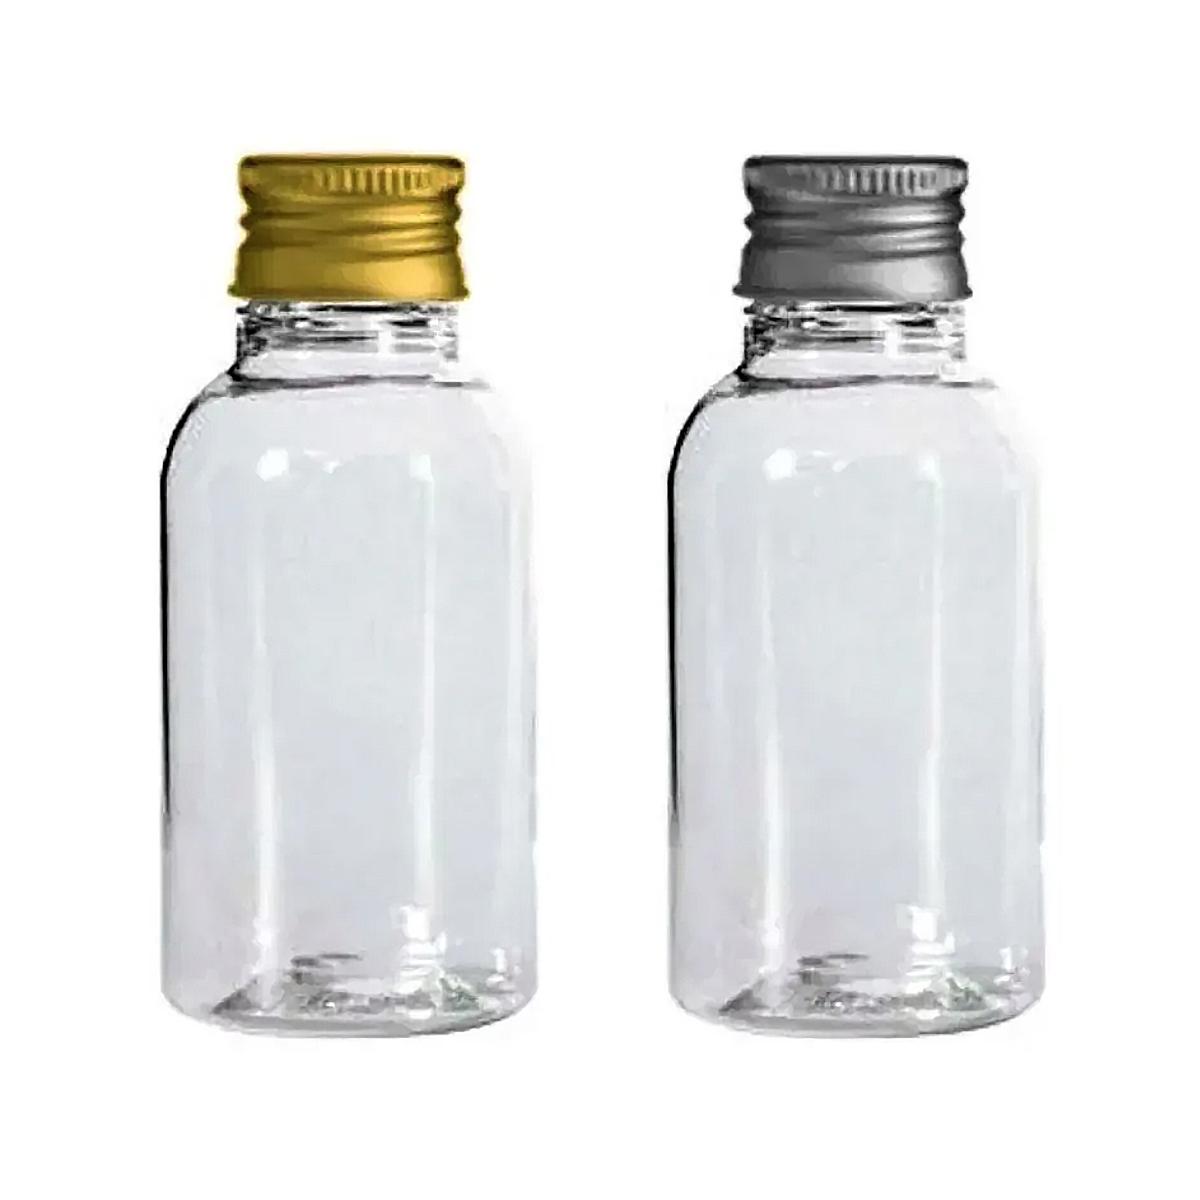 Frasco plástico 30 ml para água benta e lembrancinhas tampa metal 50 unid